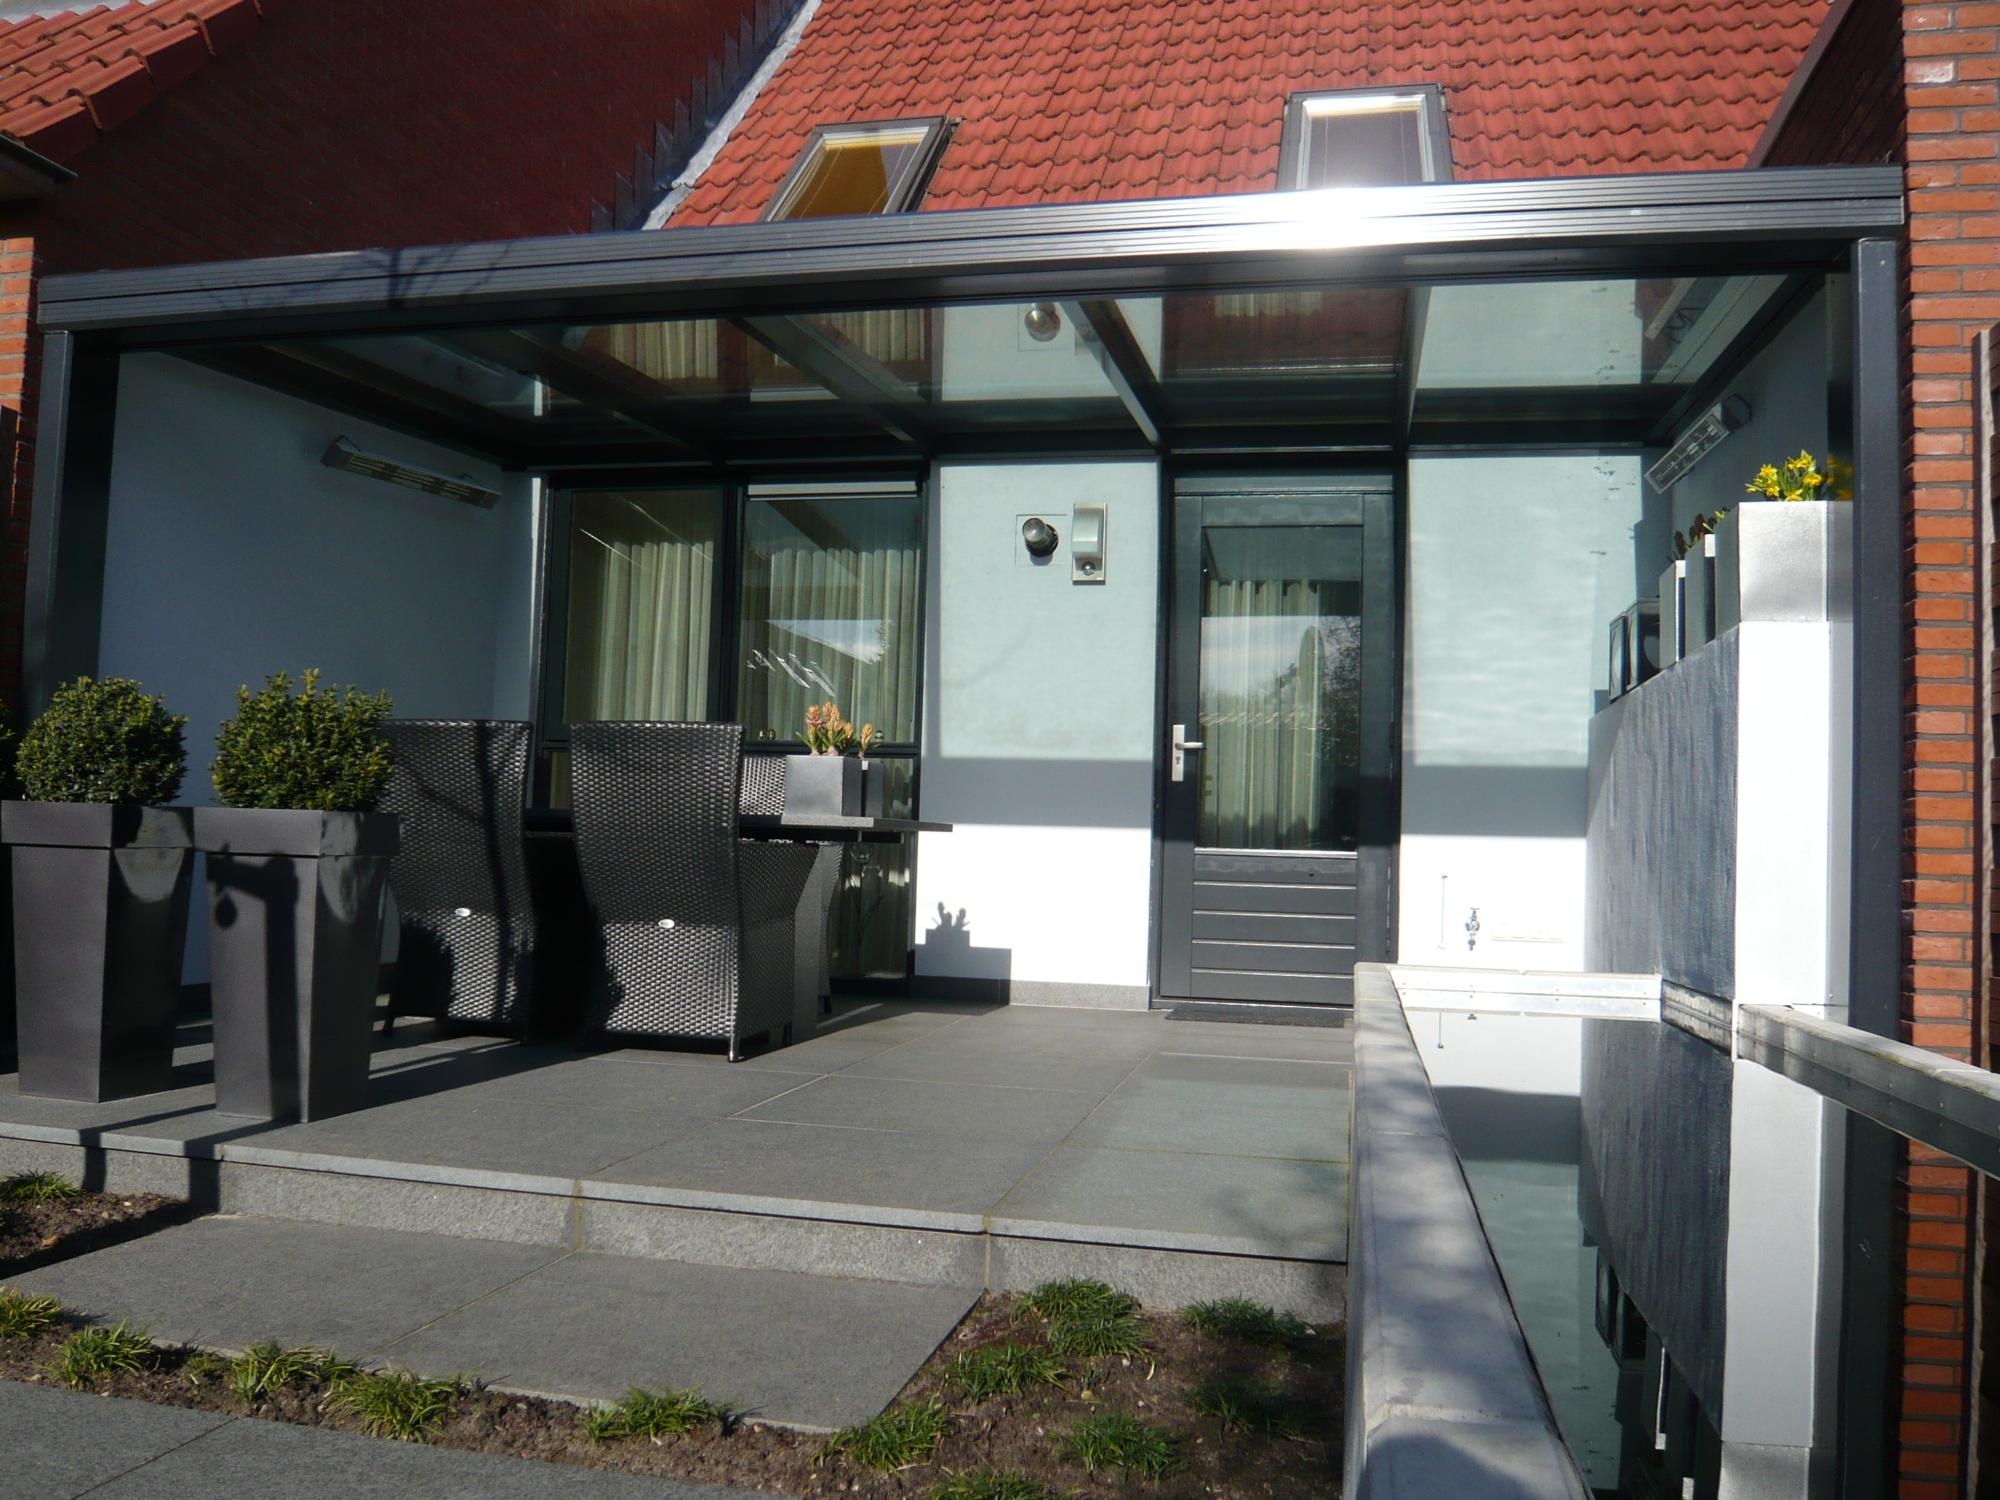 Grijze Aluminium terrasoverkapping met glas en plat dak tegen woning tussen 2 muren.